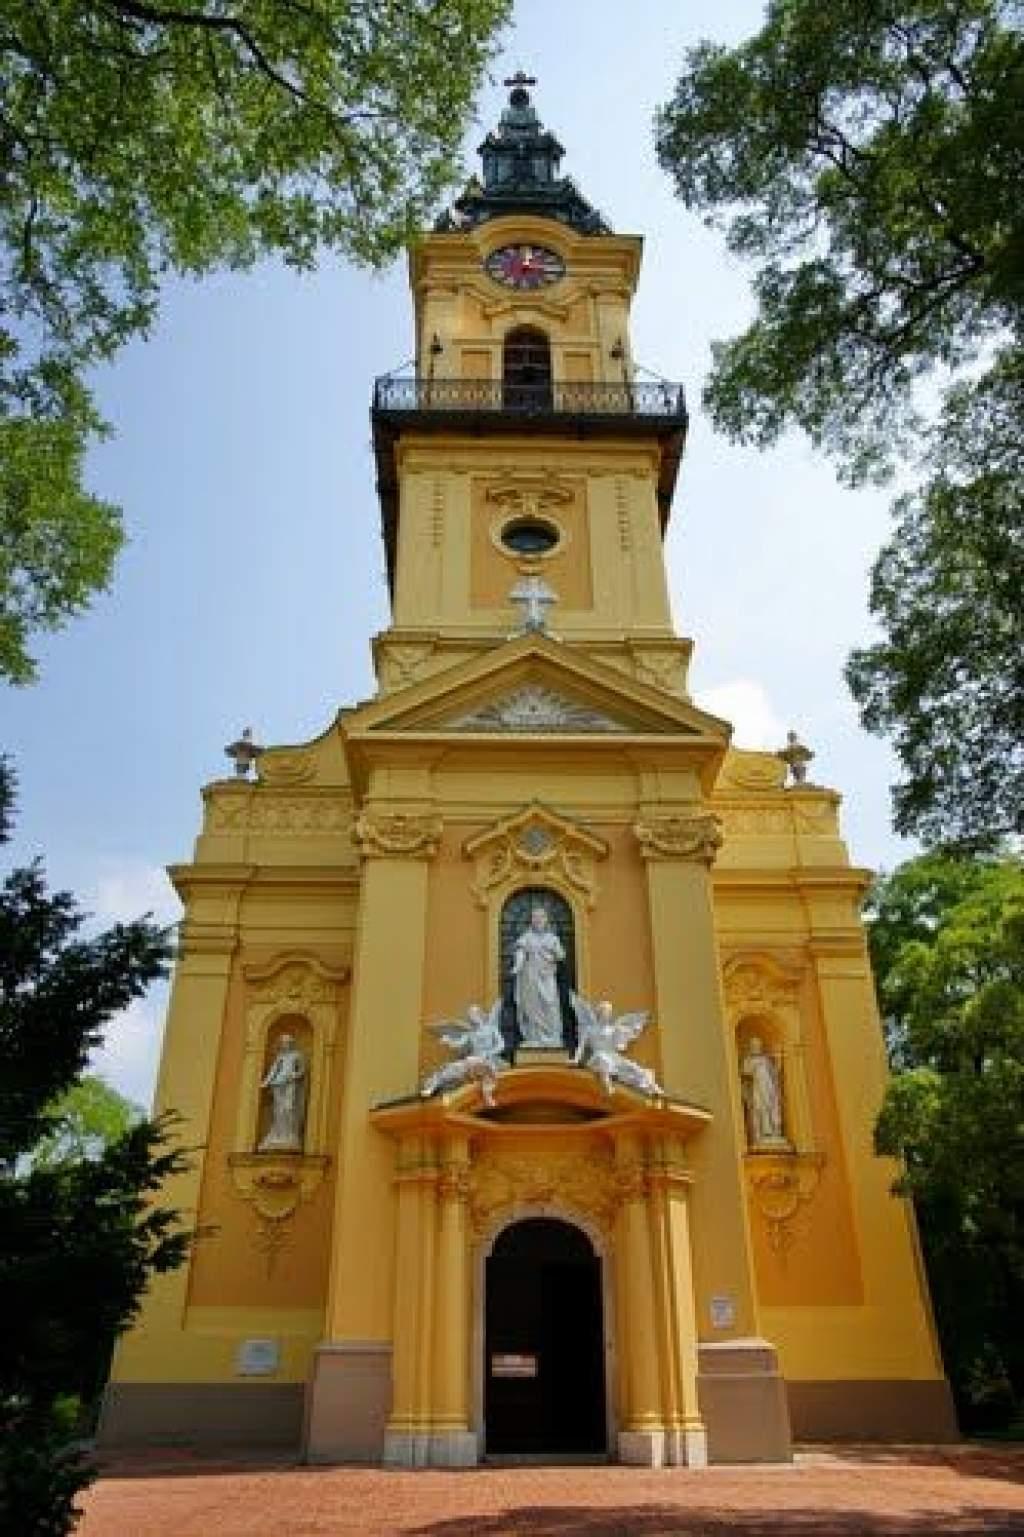 Érseki szentbeszédek: a hit szolgálatában - 2012 szeptember 23. Kiskunfélegyháza